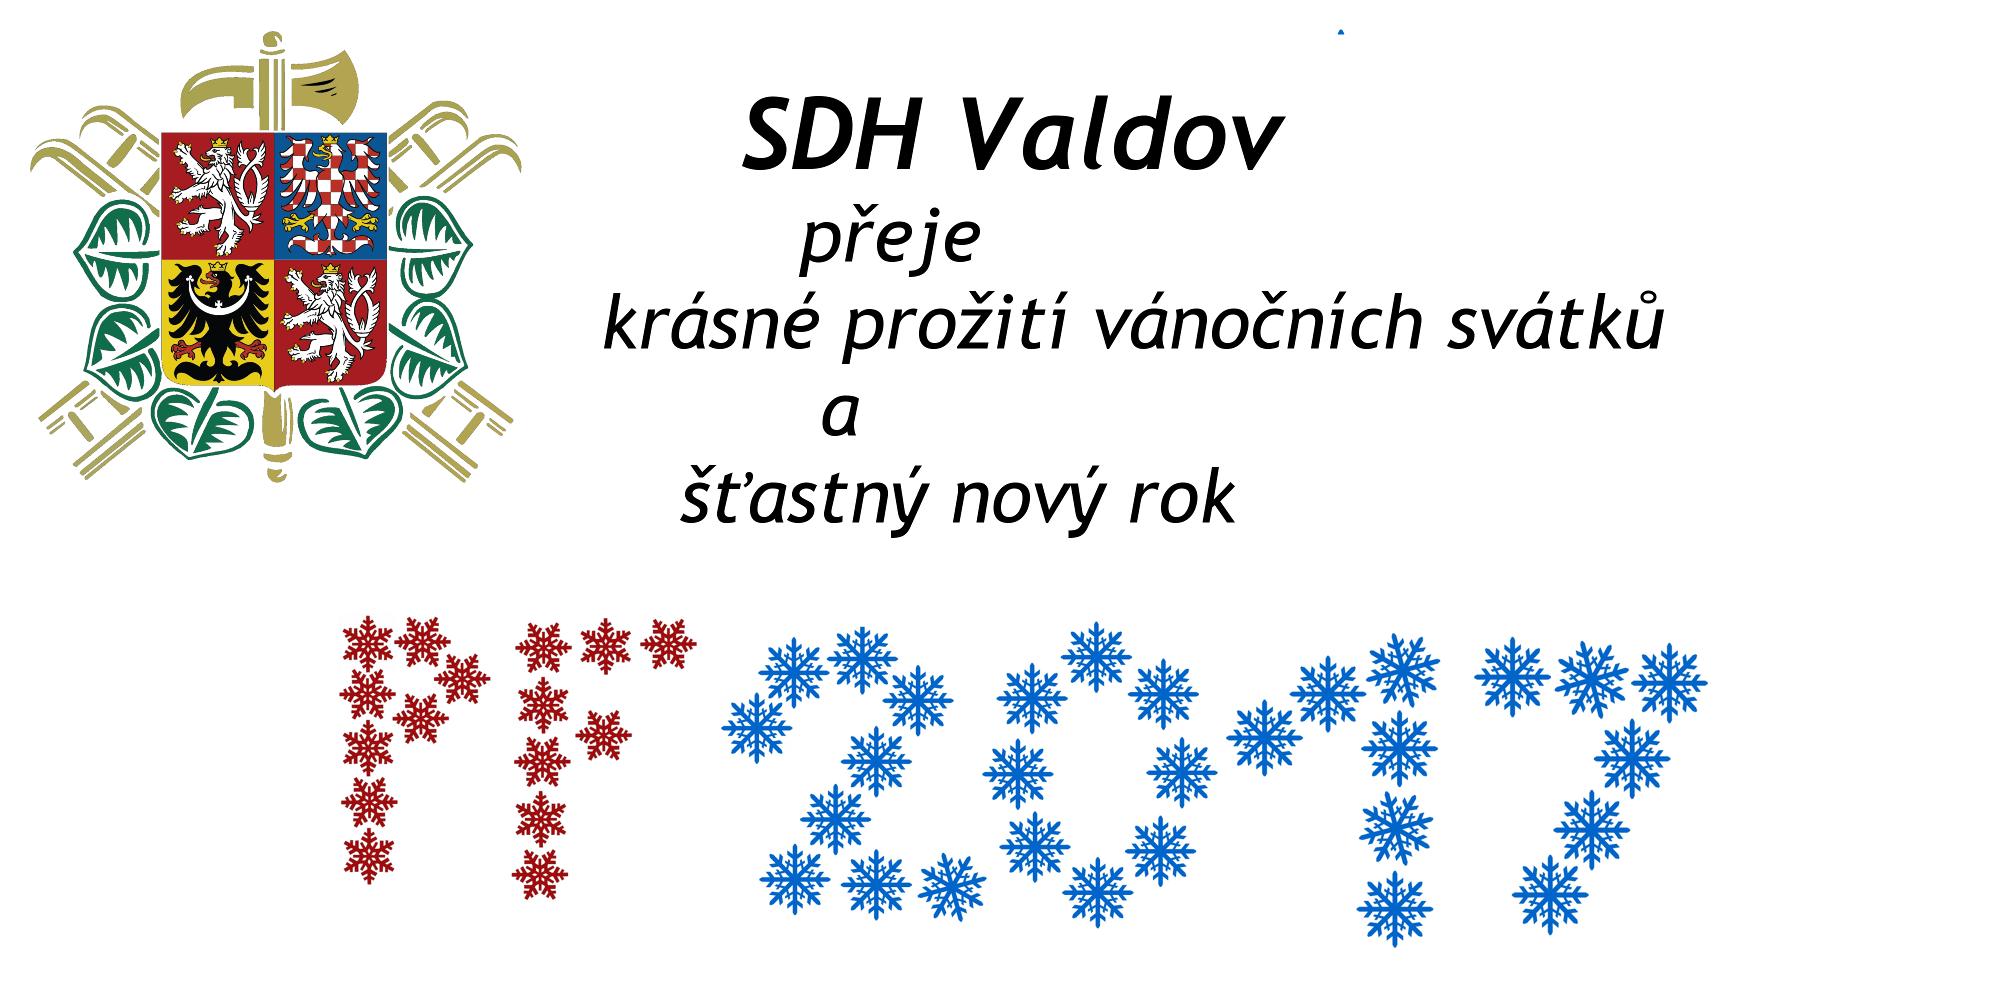 SDH Valdov přeje krásné prožití vánočních svátků a šťastný nový rok